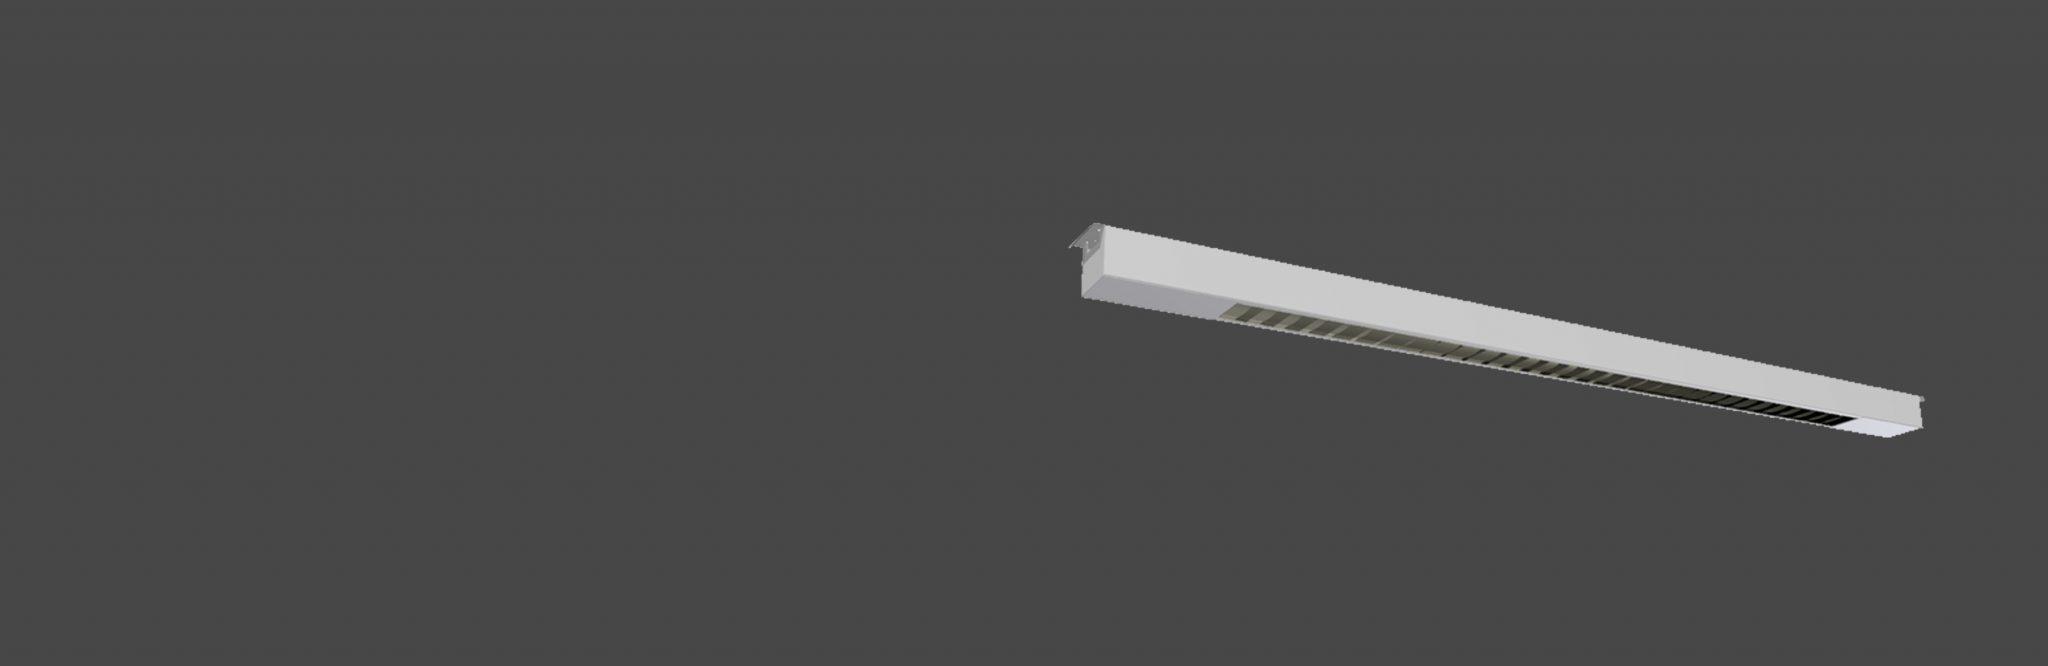 LED för butik och dagligvaruhandel.